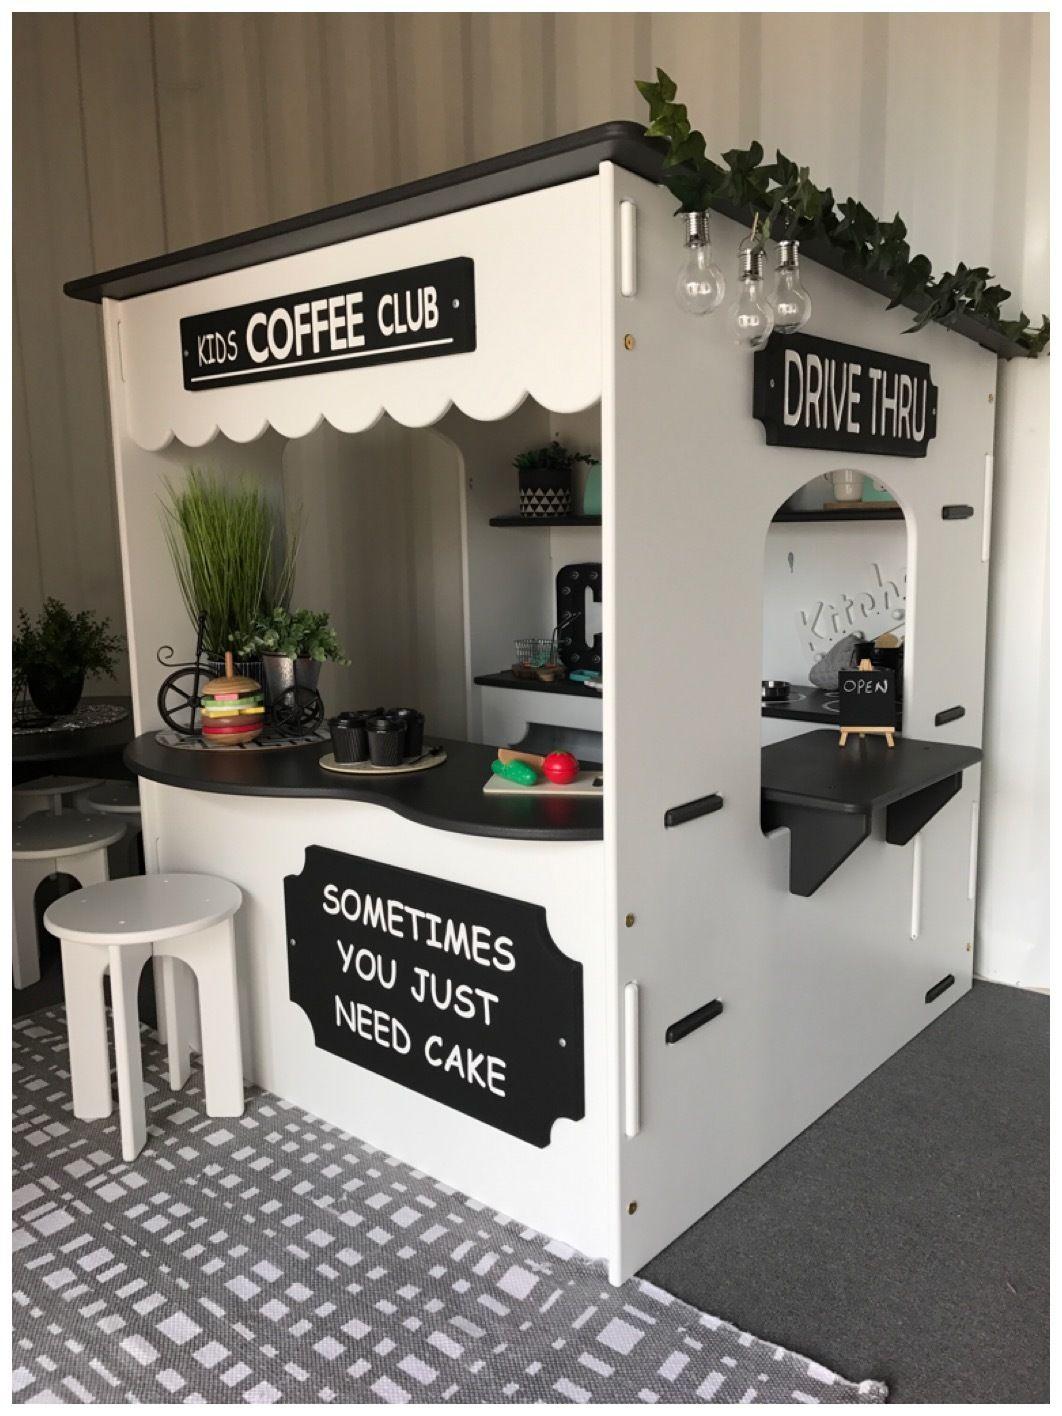 CAFE04 CAFE CUBBY INBUILT KITCHEN DRIVE THRU WINDOW in